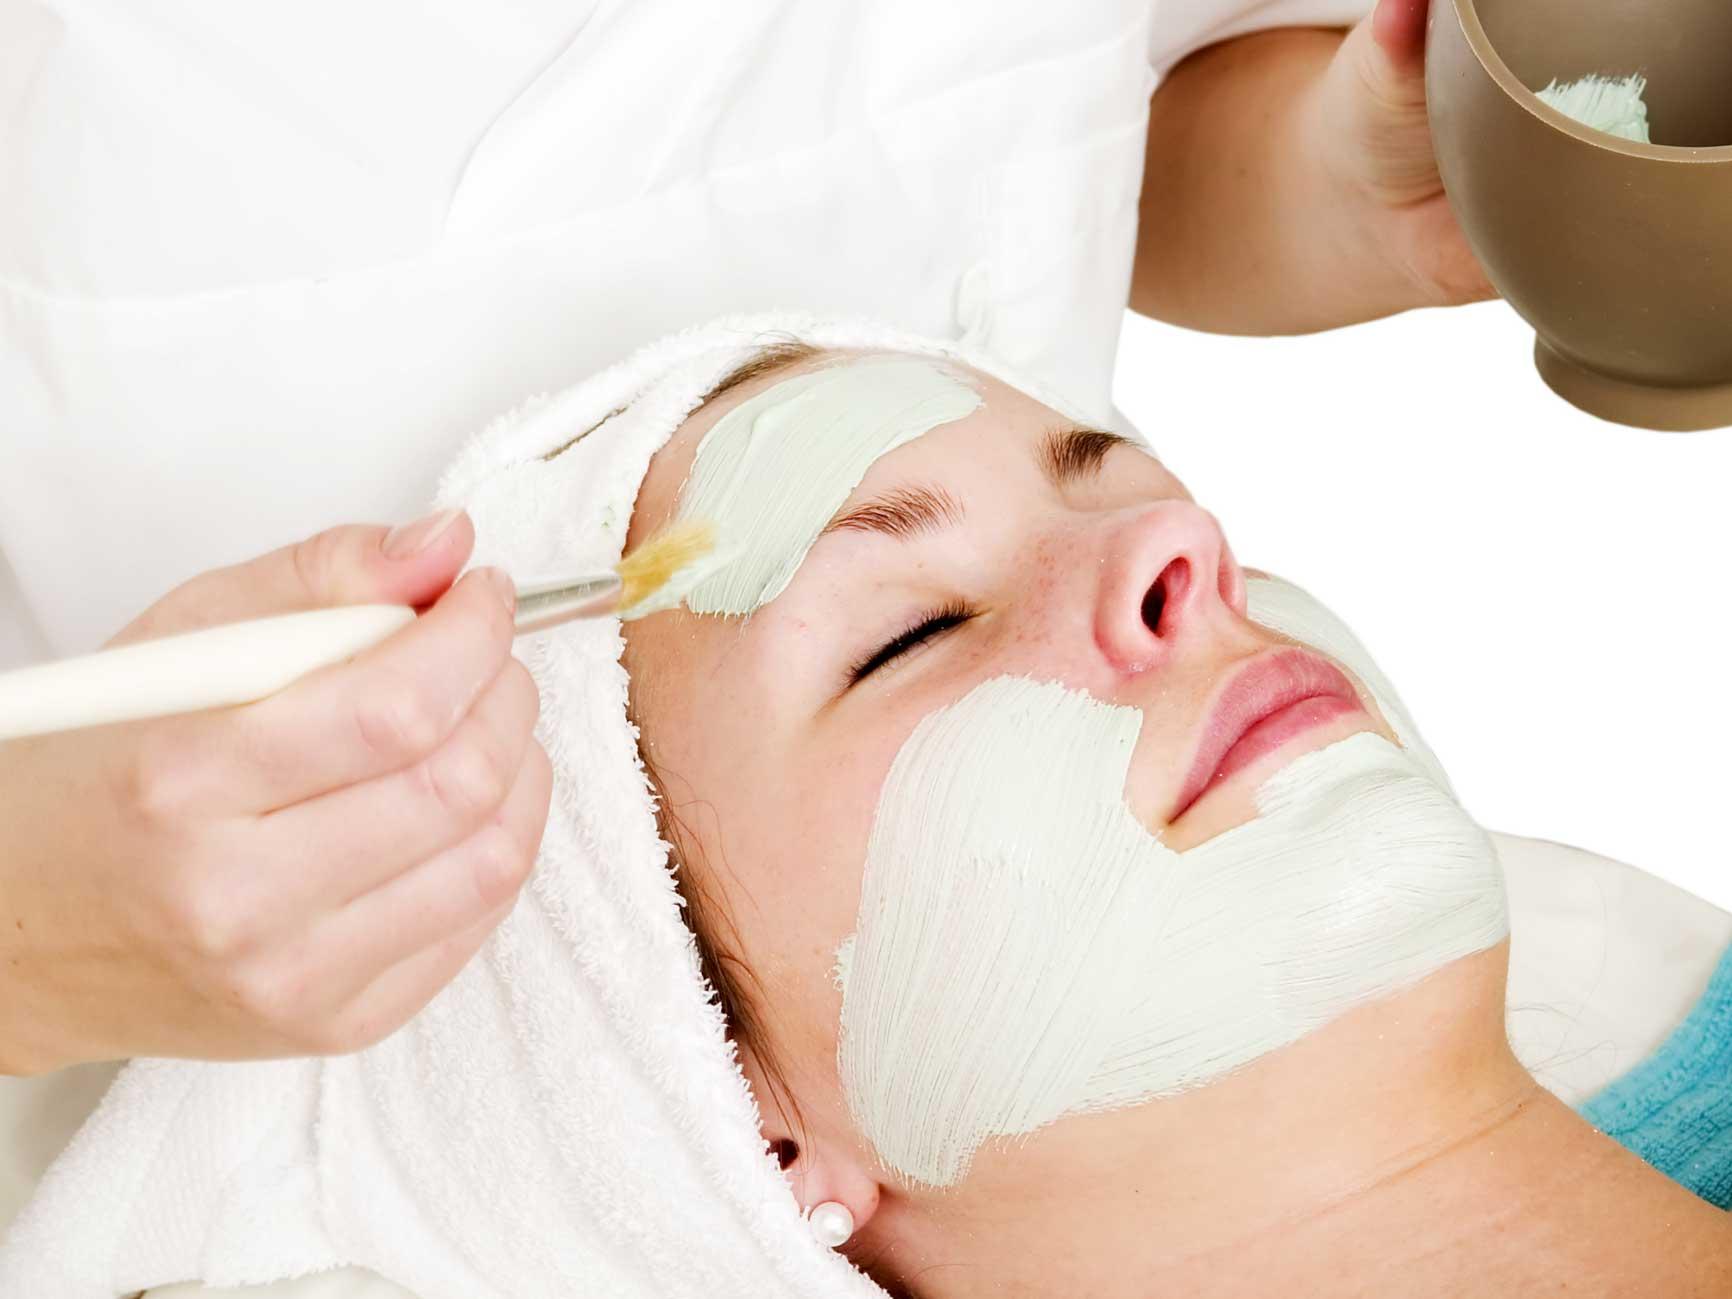 Đắp mặt nạ là một trong các bước chăm sóc da mặt đúng cách, quan trọng, cung cấp lượng dưỡng chất cho da phục hồi.